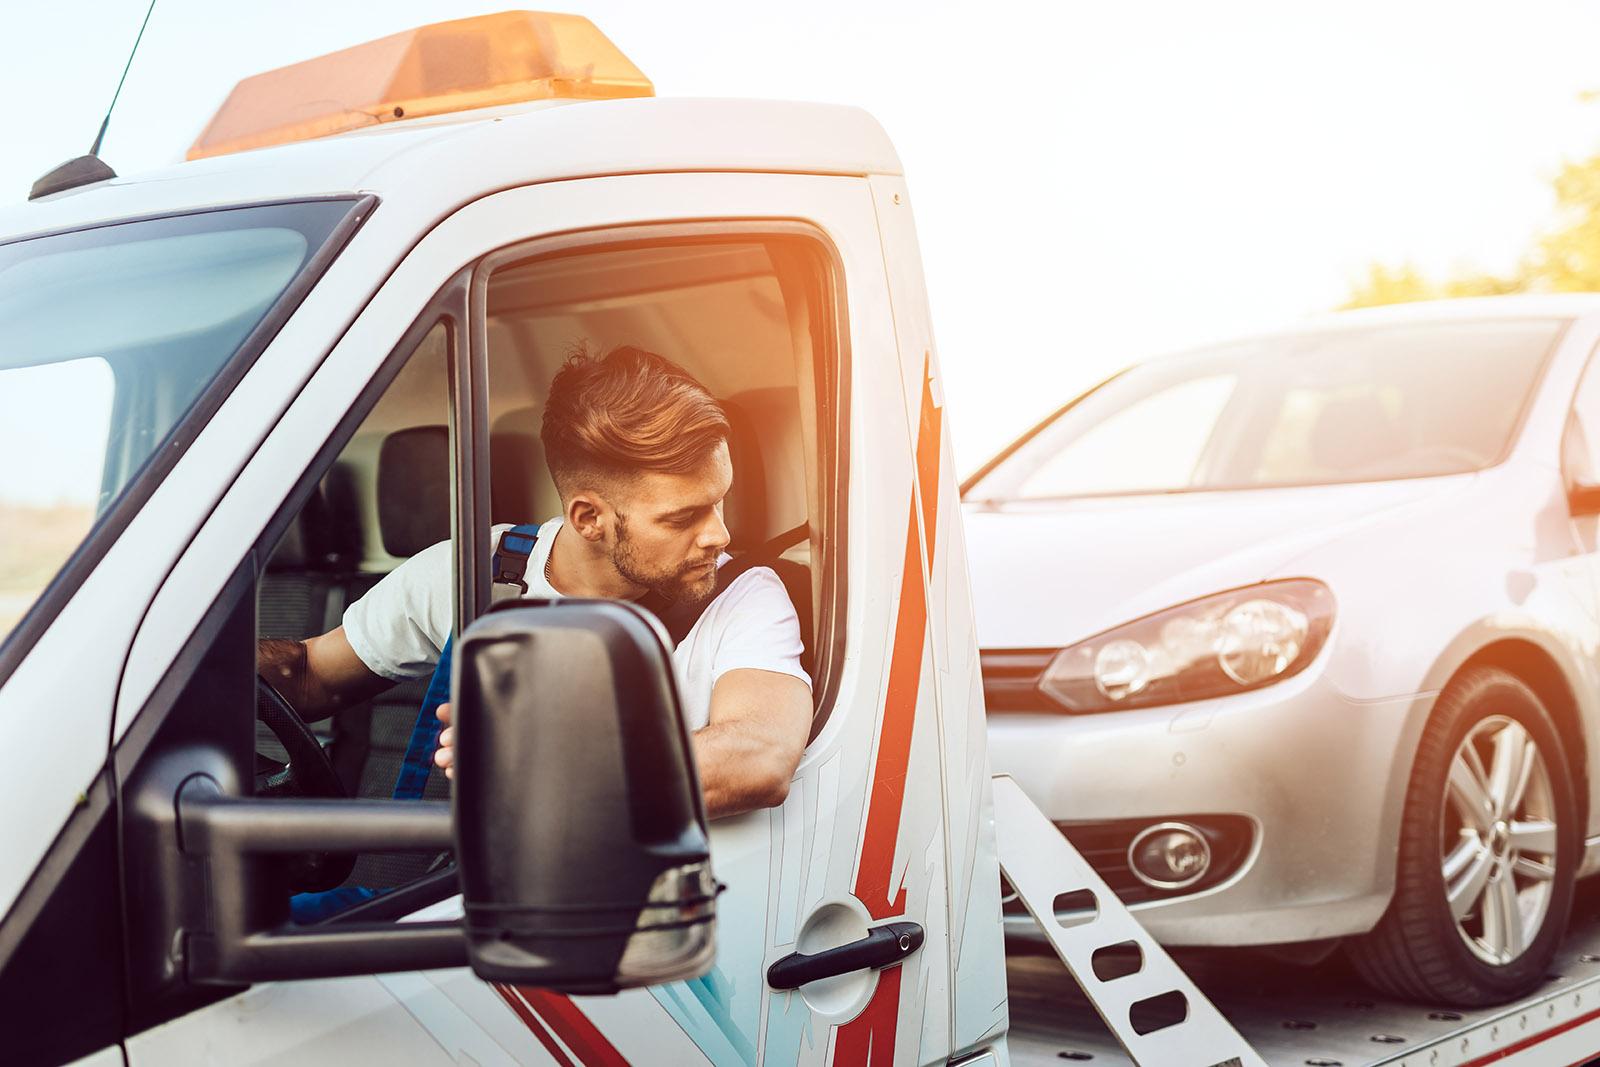 Vi skrotar 600 bilar årligen. Kontakta vår bilskrot i Uppsala för att skrota bilen hos oss. Vår bilskrot i Uppsala är certifierade.